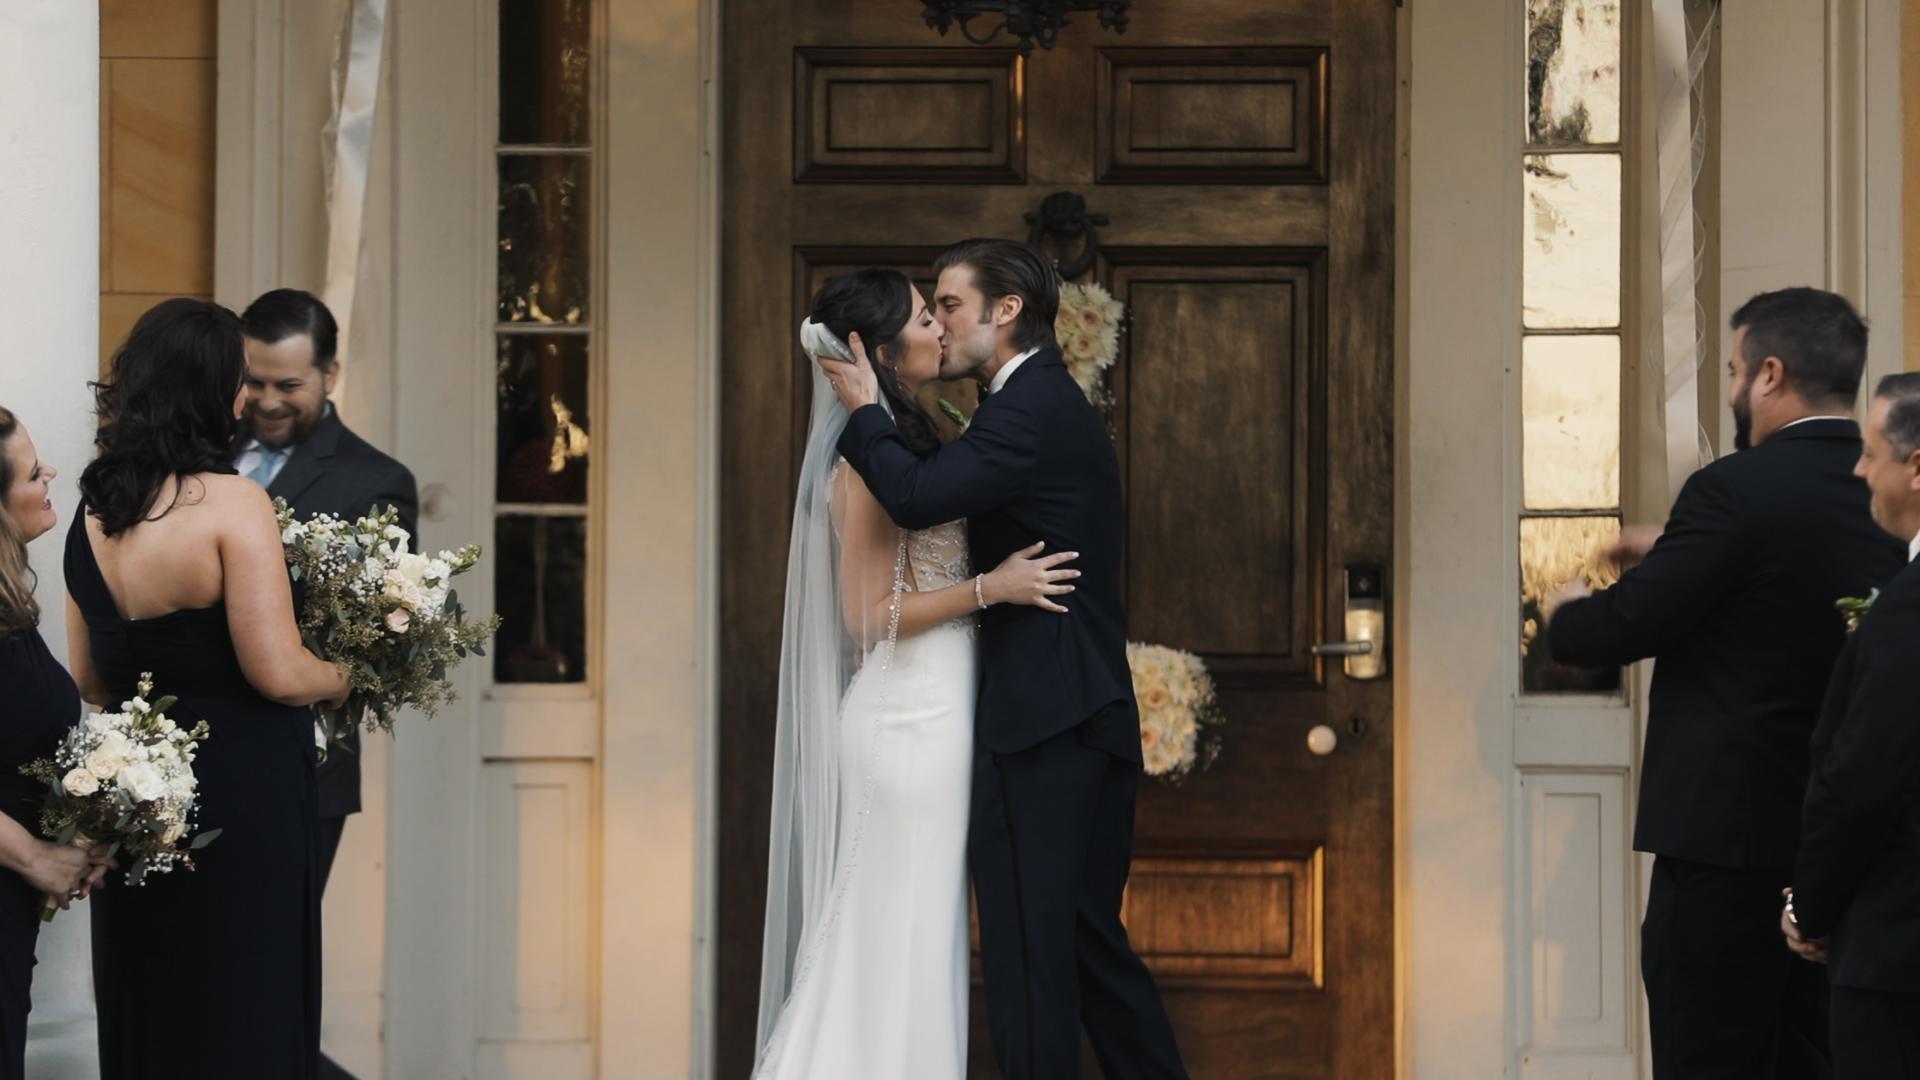 Houmas House Wedding Video - Bride Film